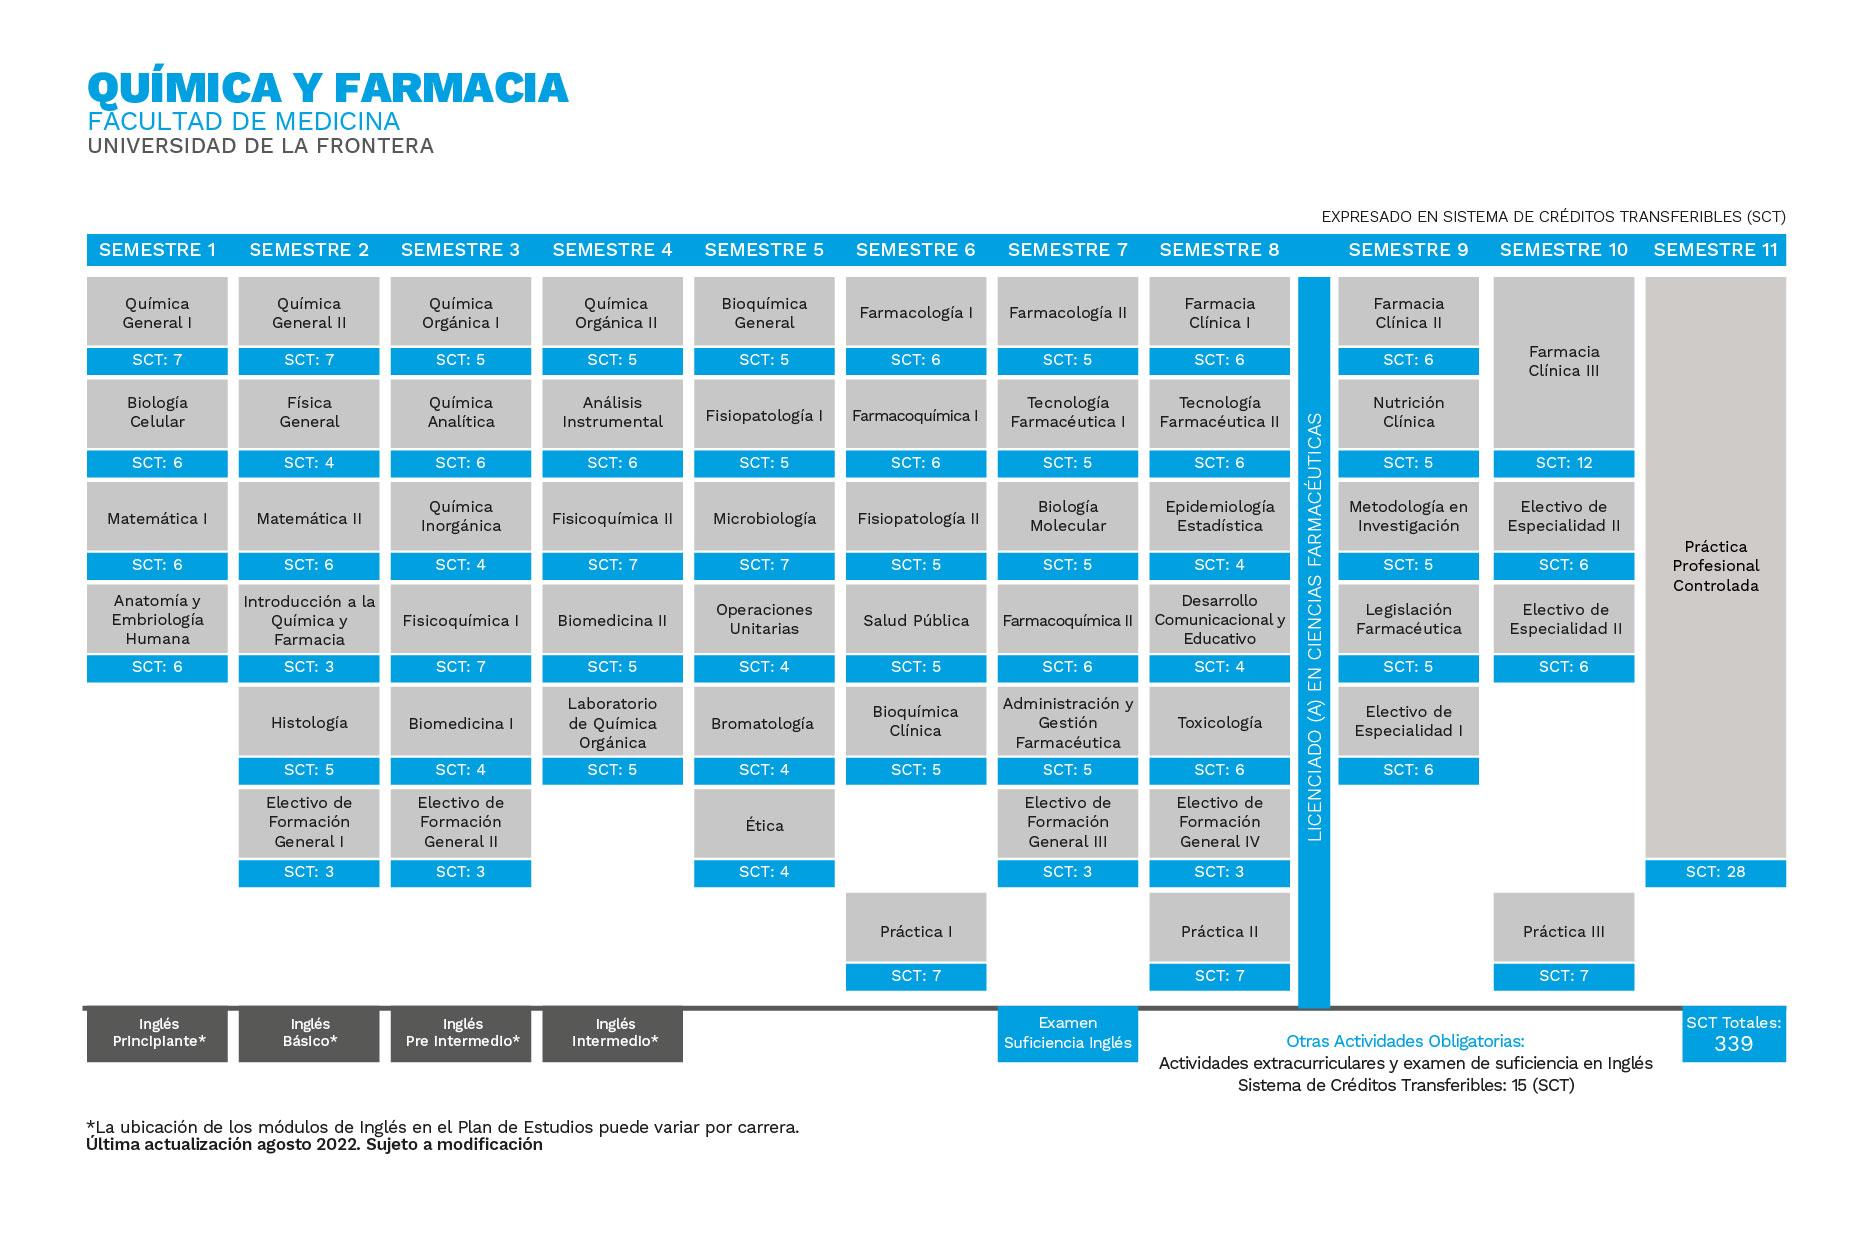 Plan de Estudios Química y Farmacia Universidad de La Frontera